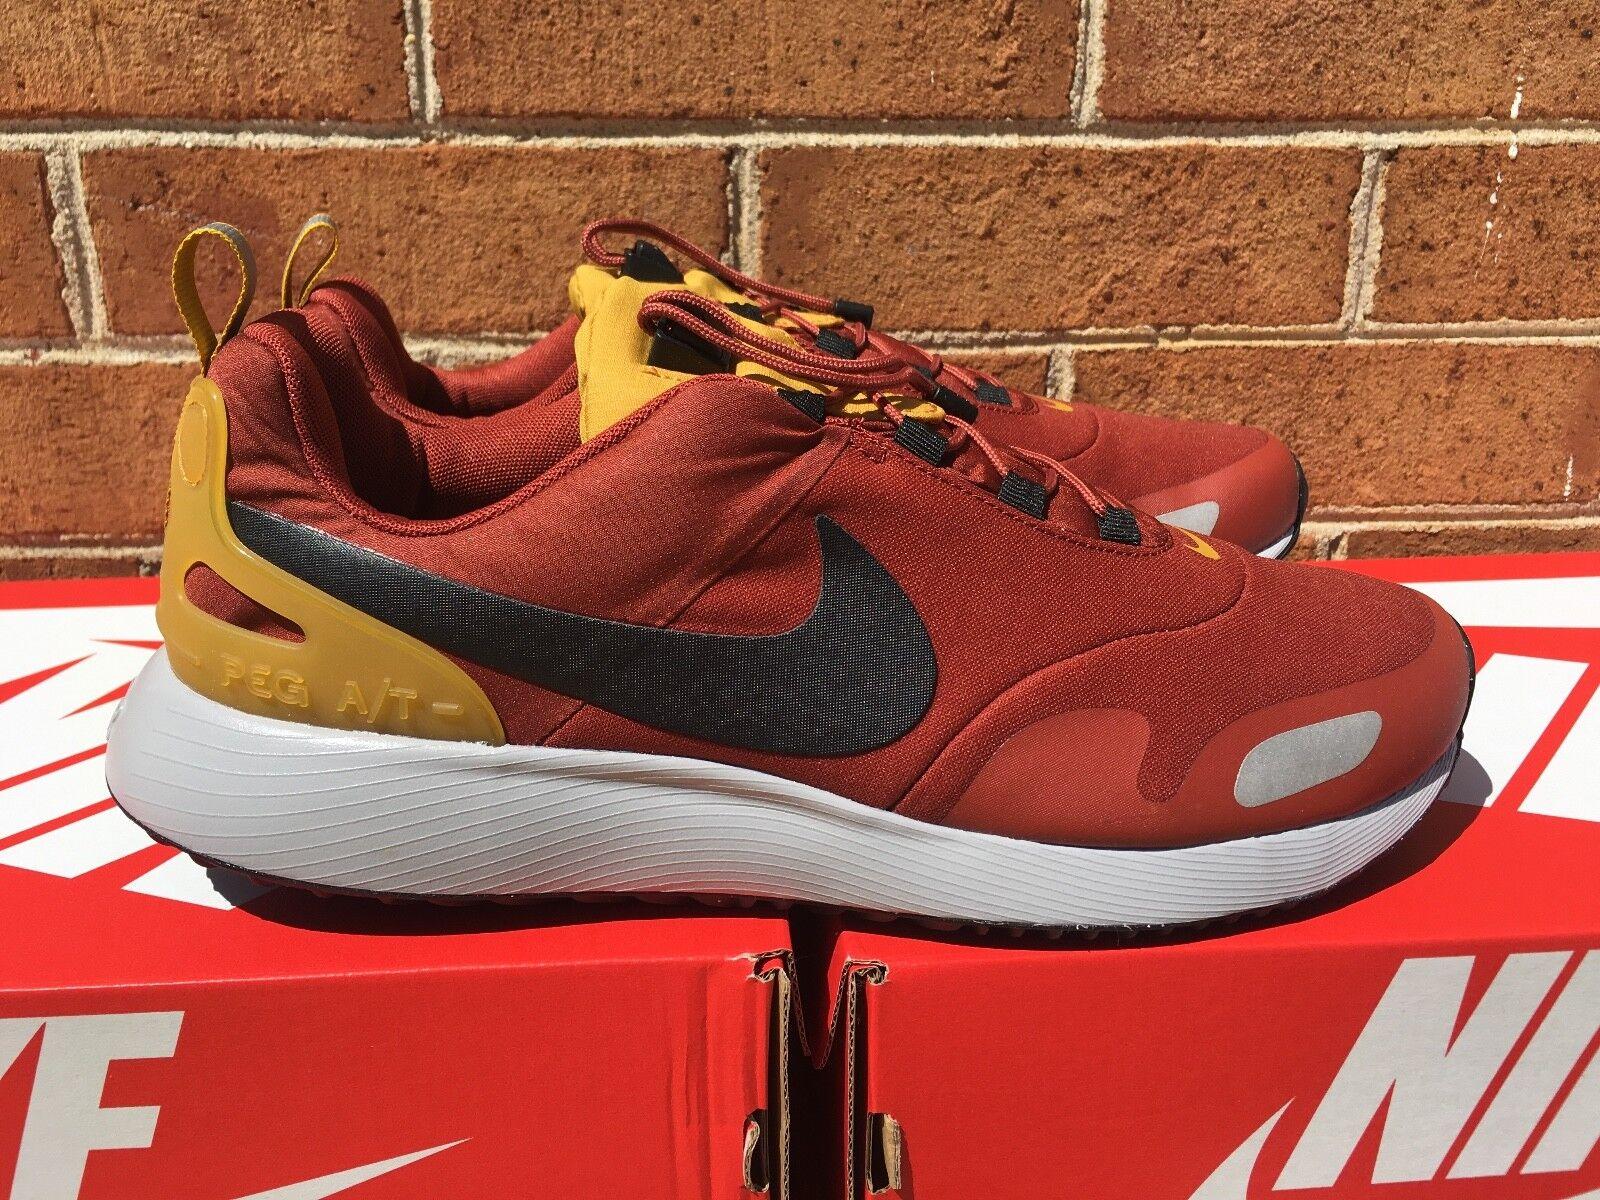 Nike Air Pegasus A/T Mars Stone/Black Mens Trail Shoes 924469 601 ACG GO OUTSIDE